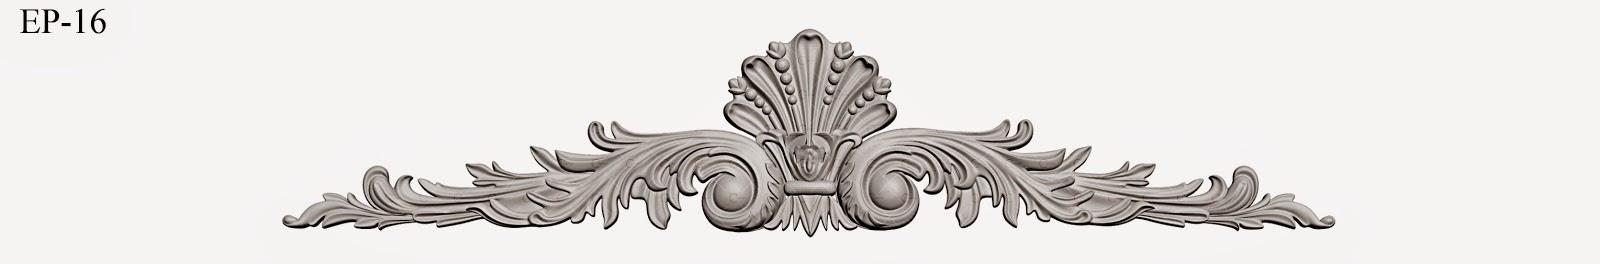 elemente decorative polistiren producator, pret modele, profile decorative